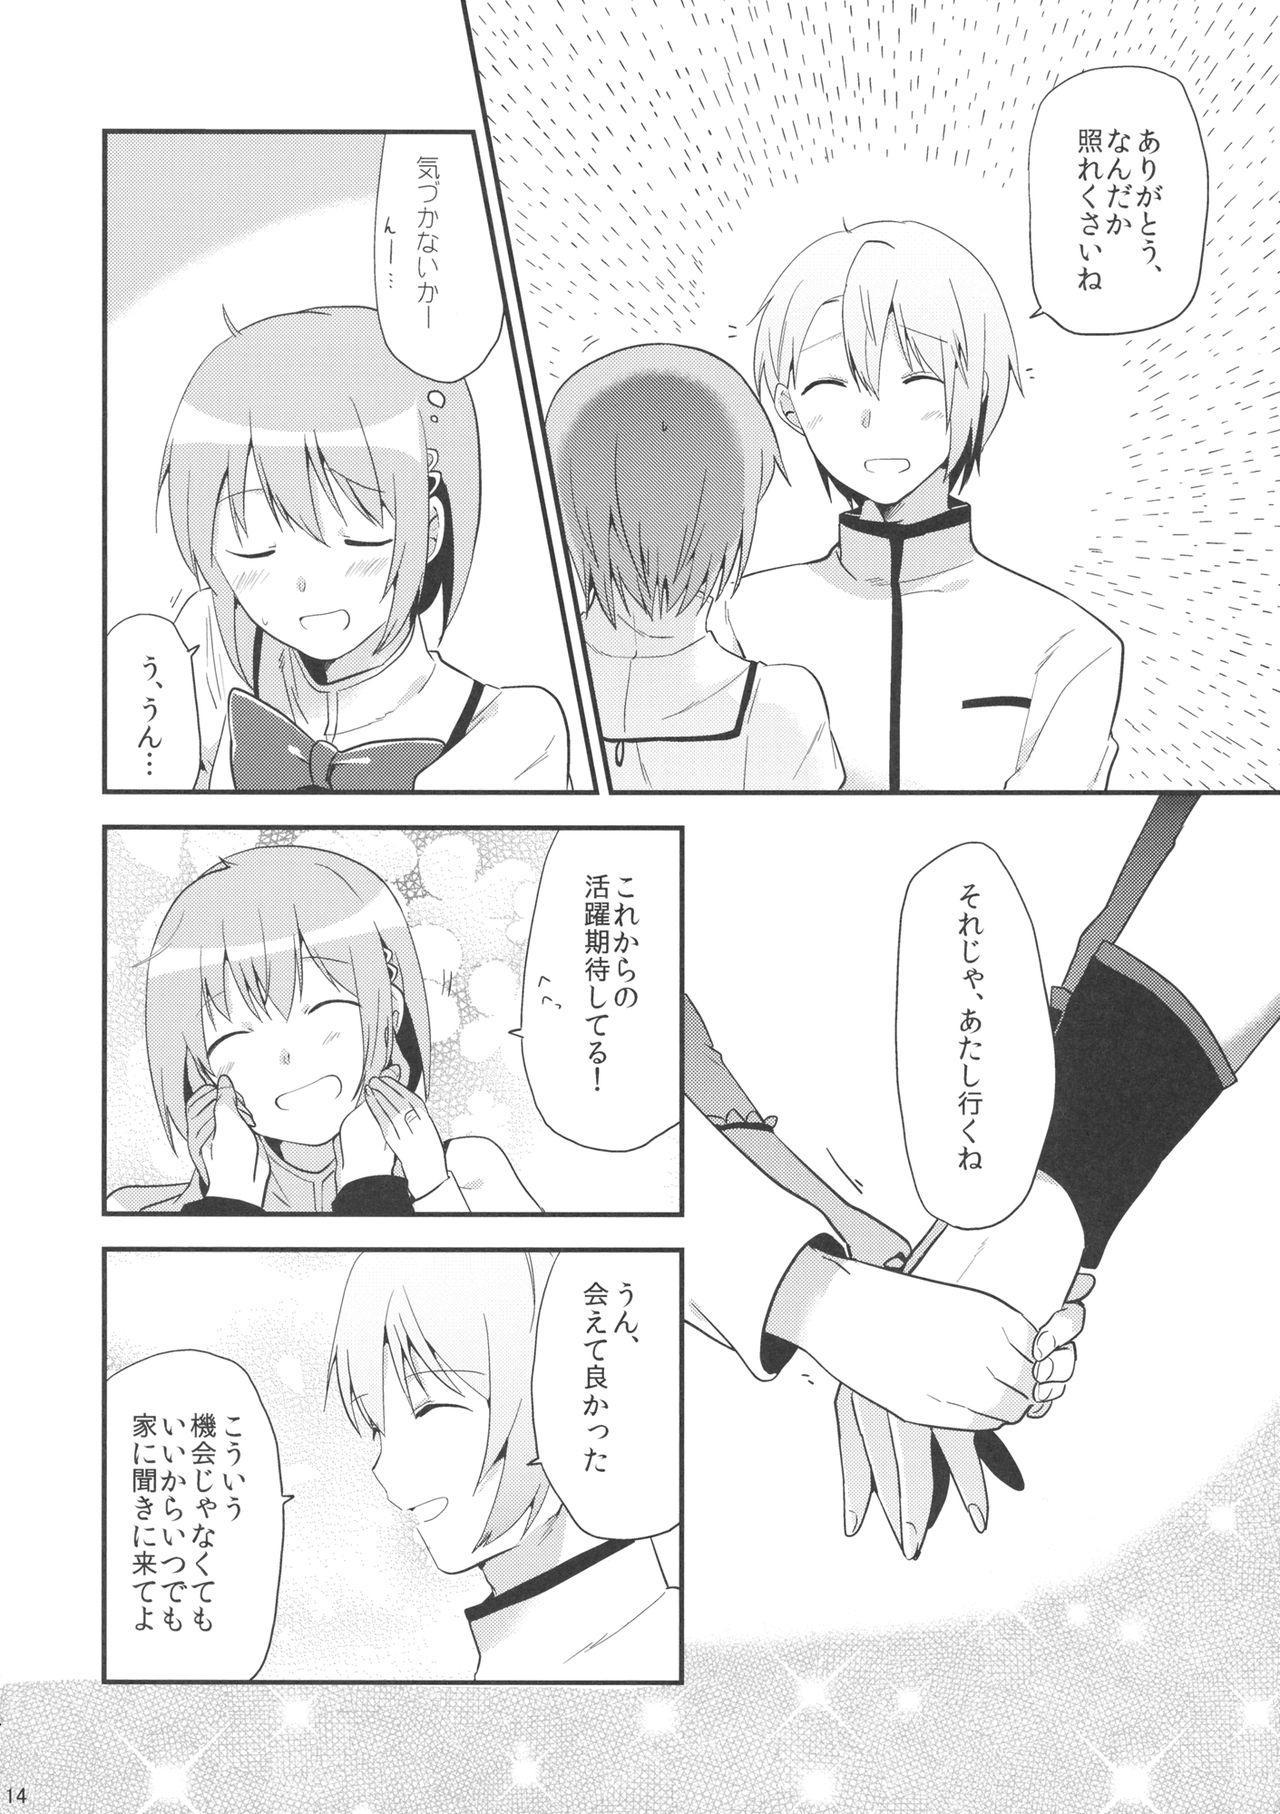 if Kanzenban 12